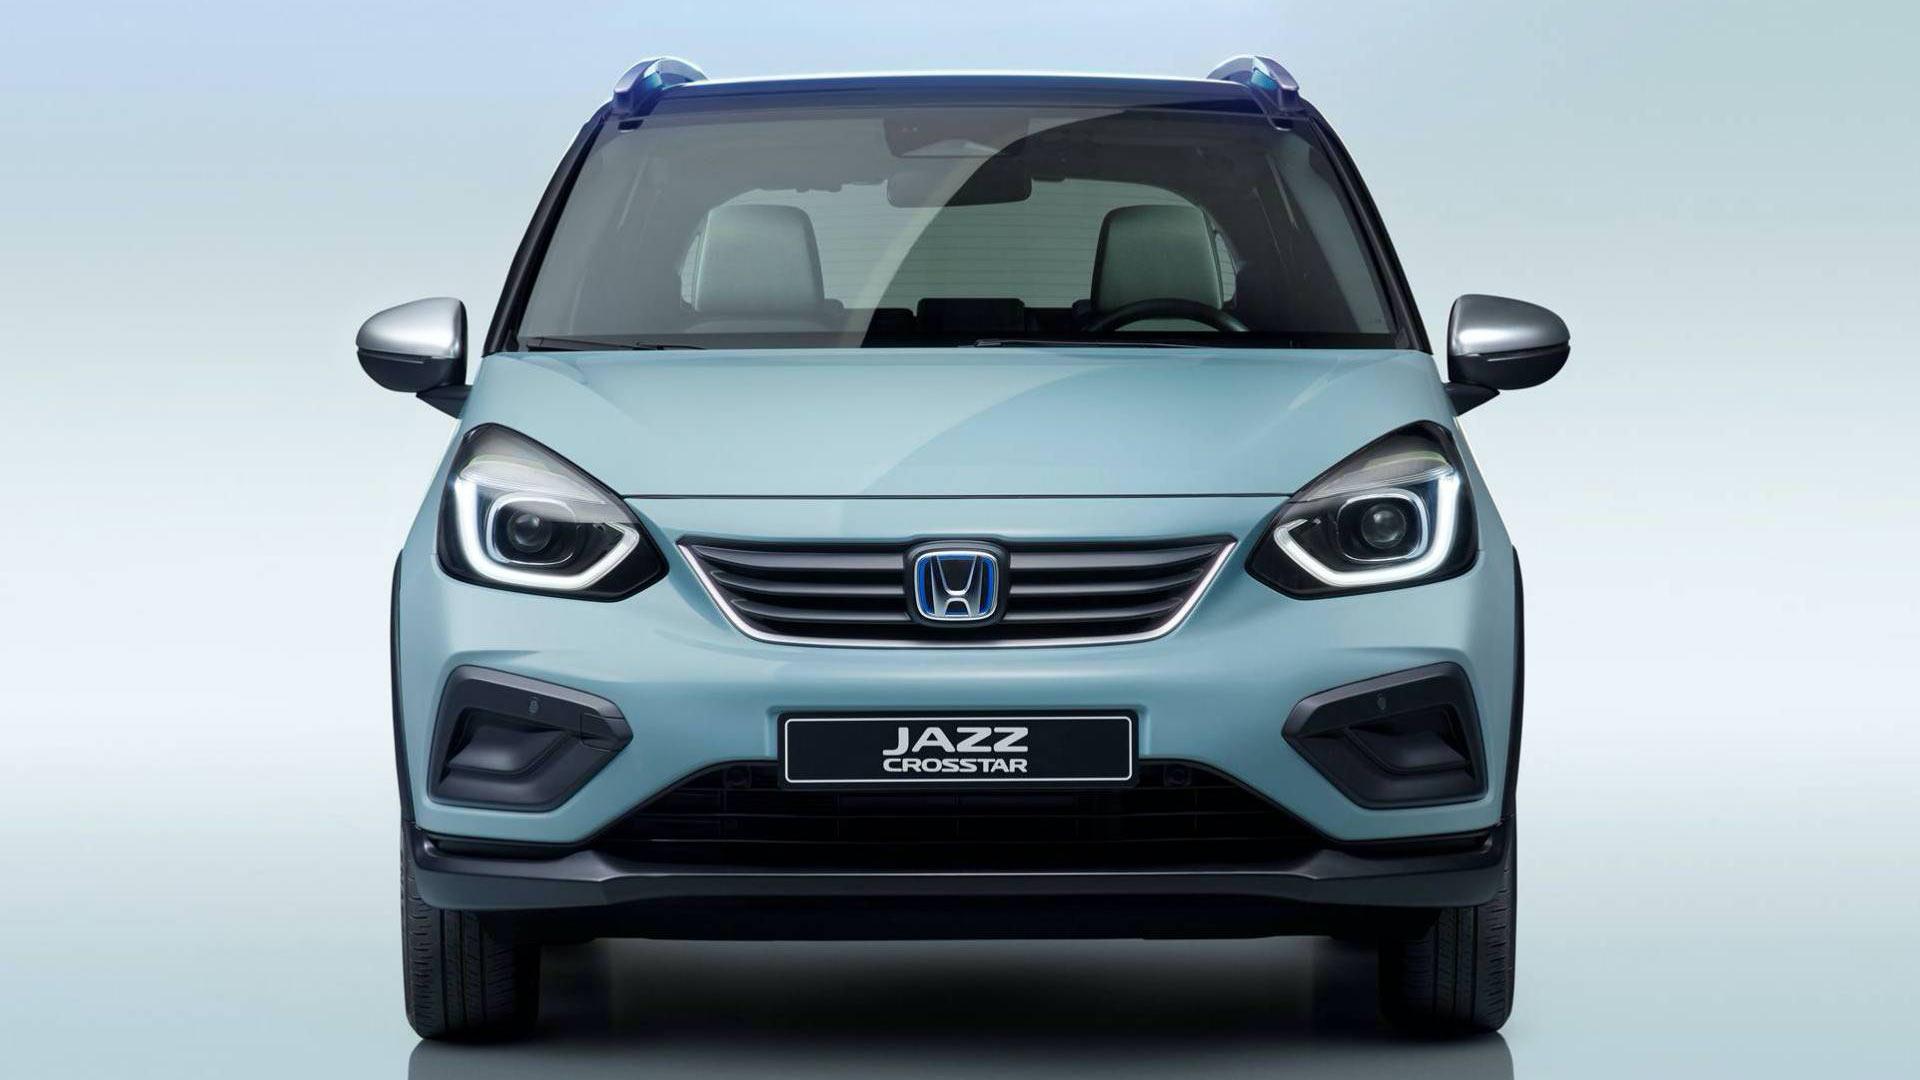 Honda Jazz 2020 phiên bản hybird dành riêng cho thị trường châu Âu, ra mắt vào năm sau